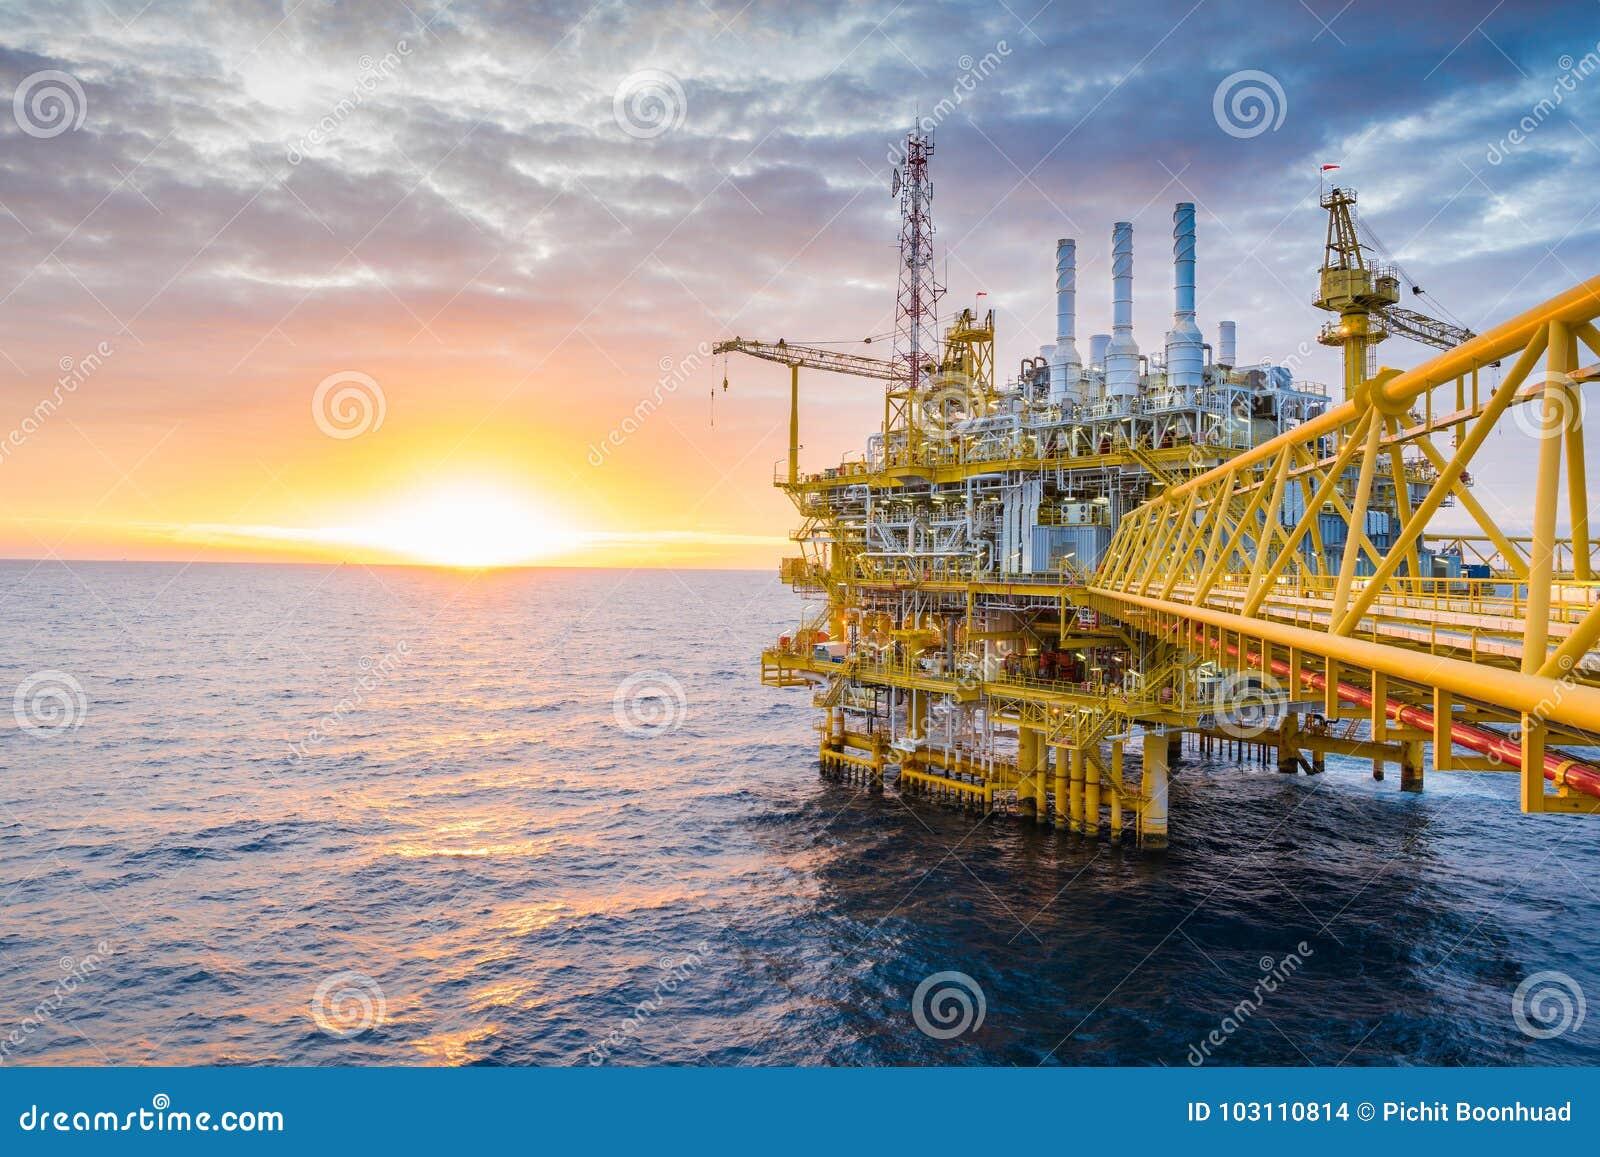 Central bearbeta plattform för fossila bränslen i soluppsättning i golfen av Thailand, fossila bränslenoljaaffär